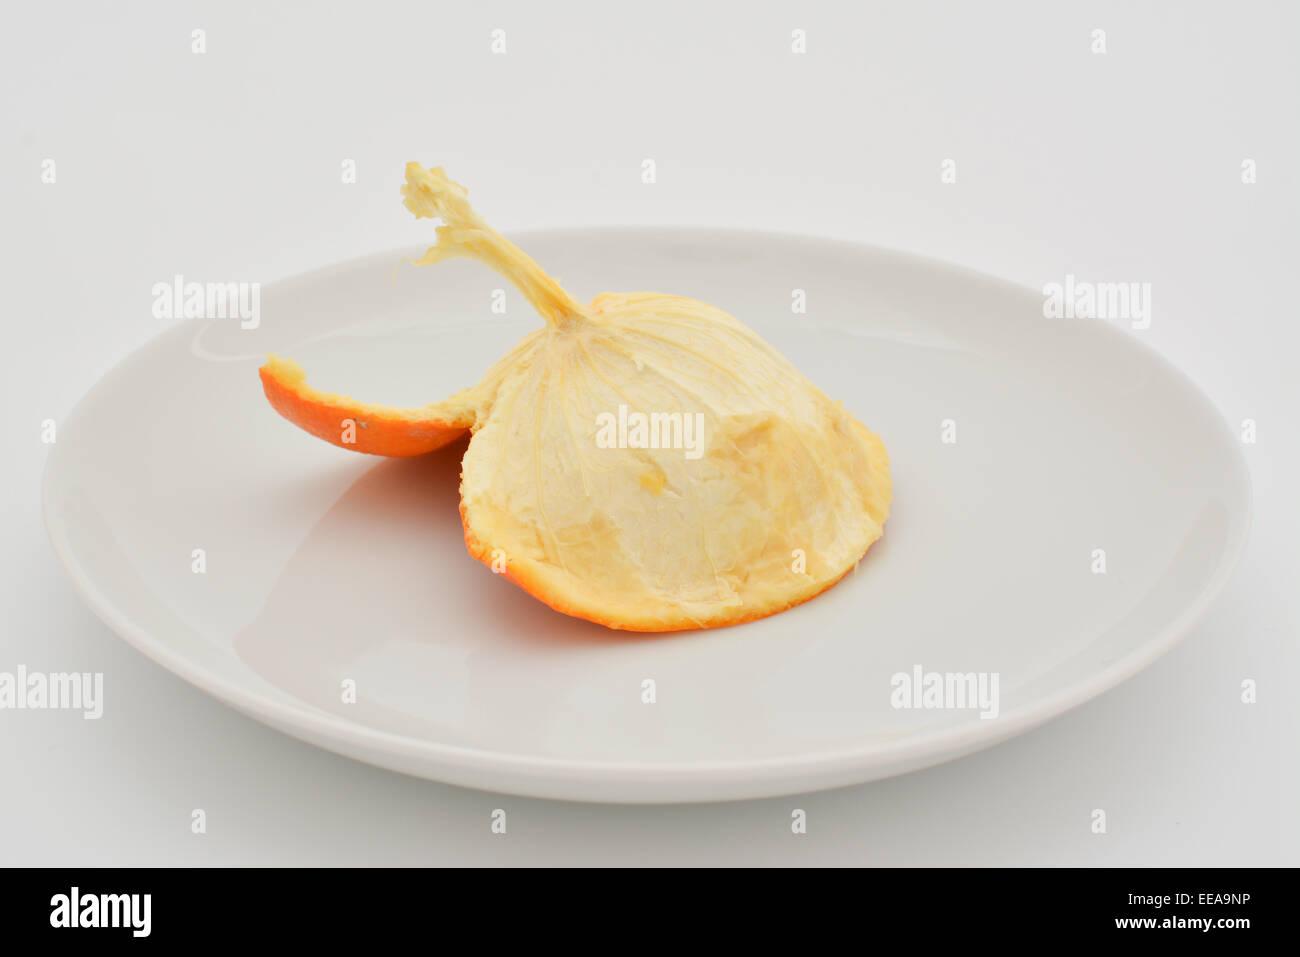 L'intérieur de la peau d'une orange mangée sur une plaque blanche Photo Stock